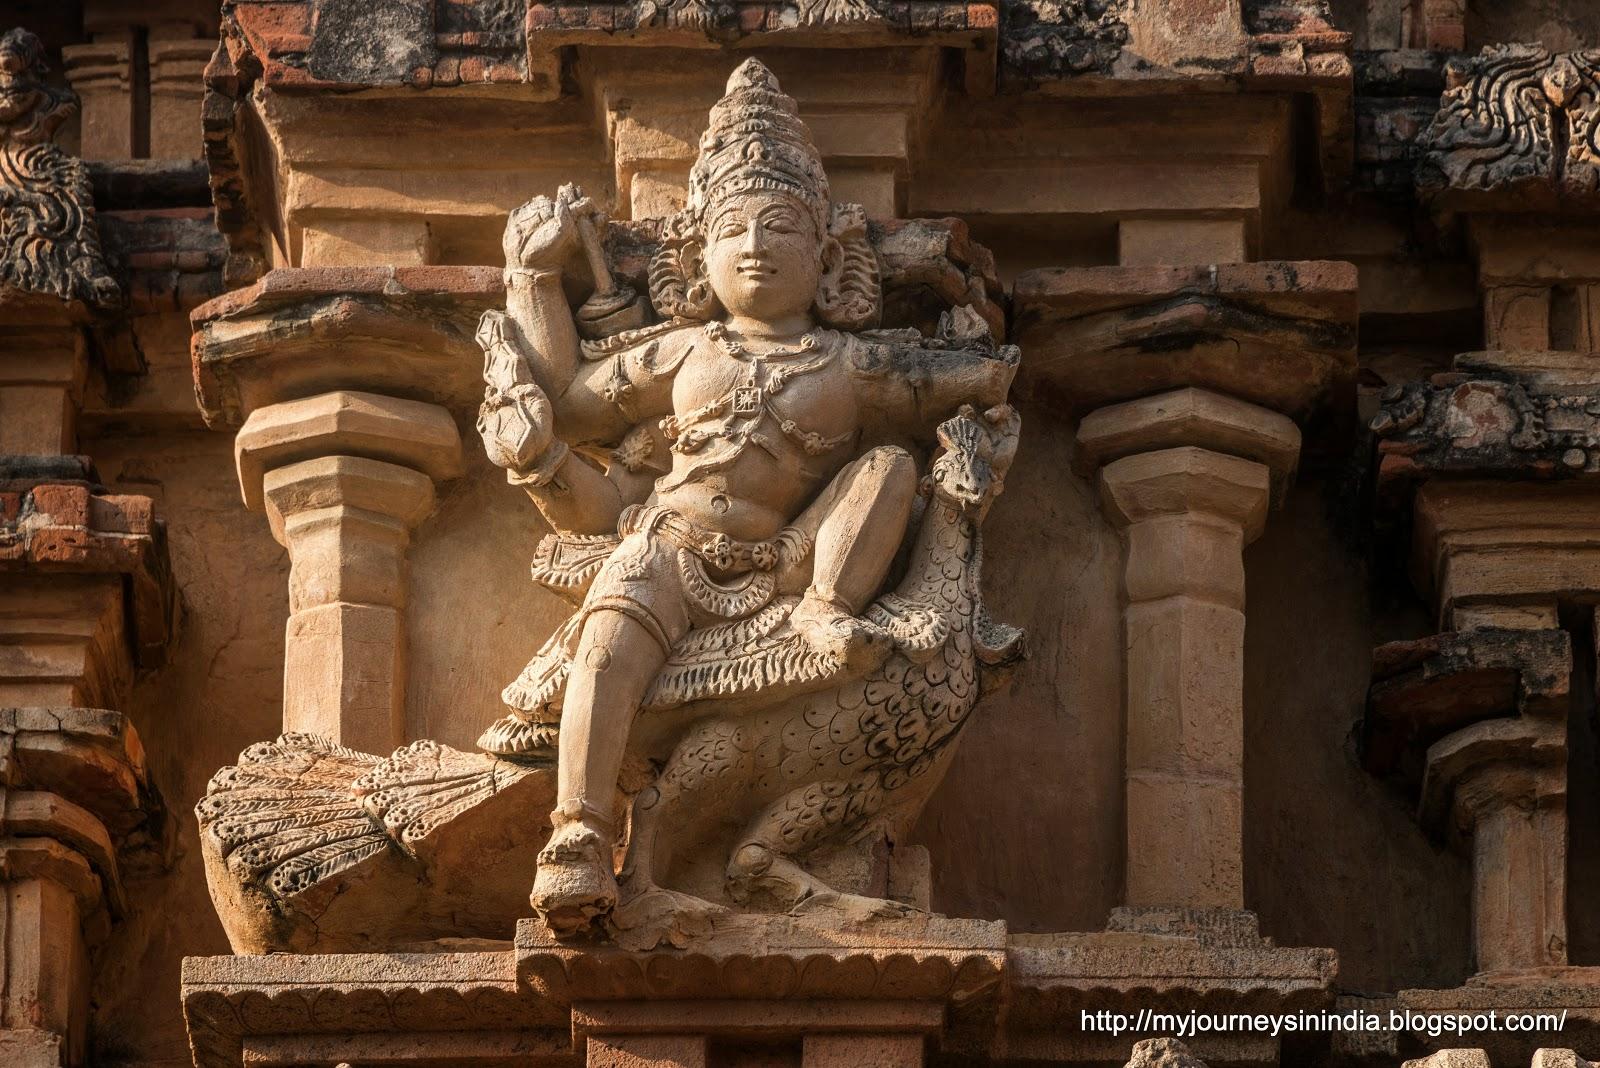 Thanjavur Brihadeeswarar Temple Tower sculptures Subramanya